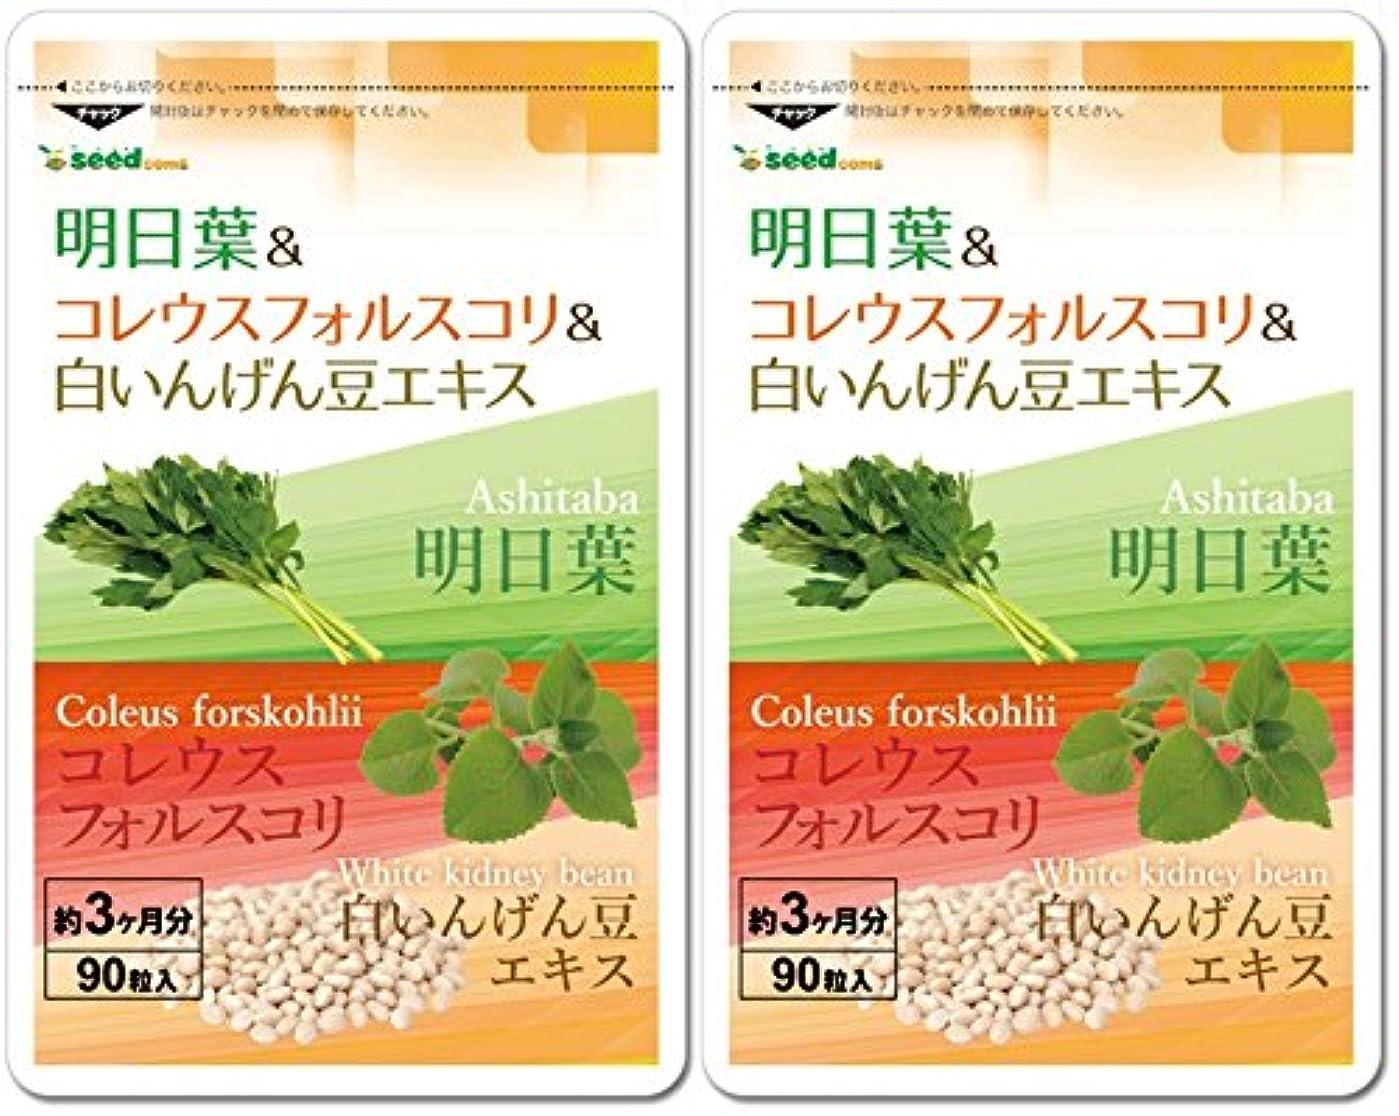 明日葉&コレウスフォルスコリ&白いんげん豆エキス (約6ヶ月分/180粒) スッキリ&燃焼系&糖質バリアの3大ダイエット成分